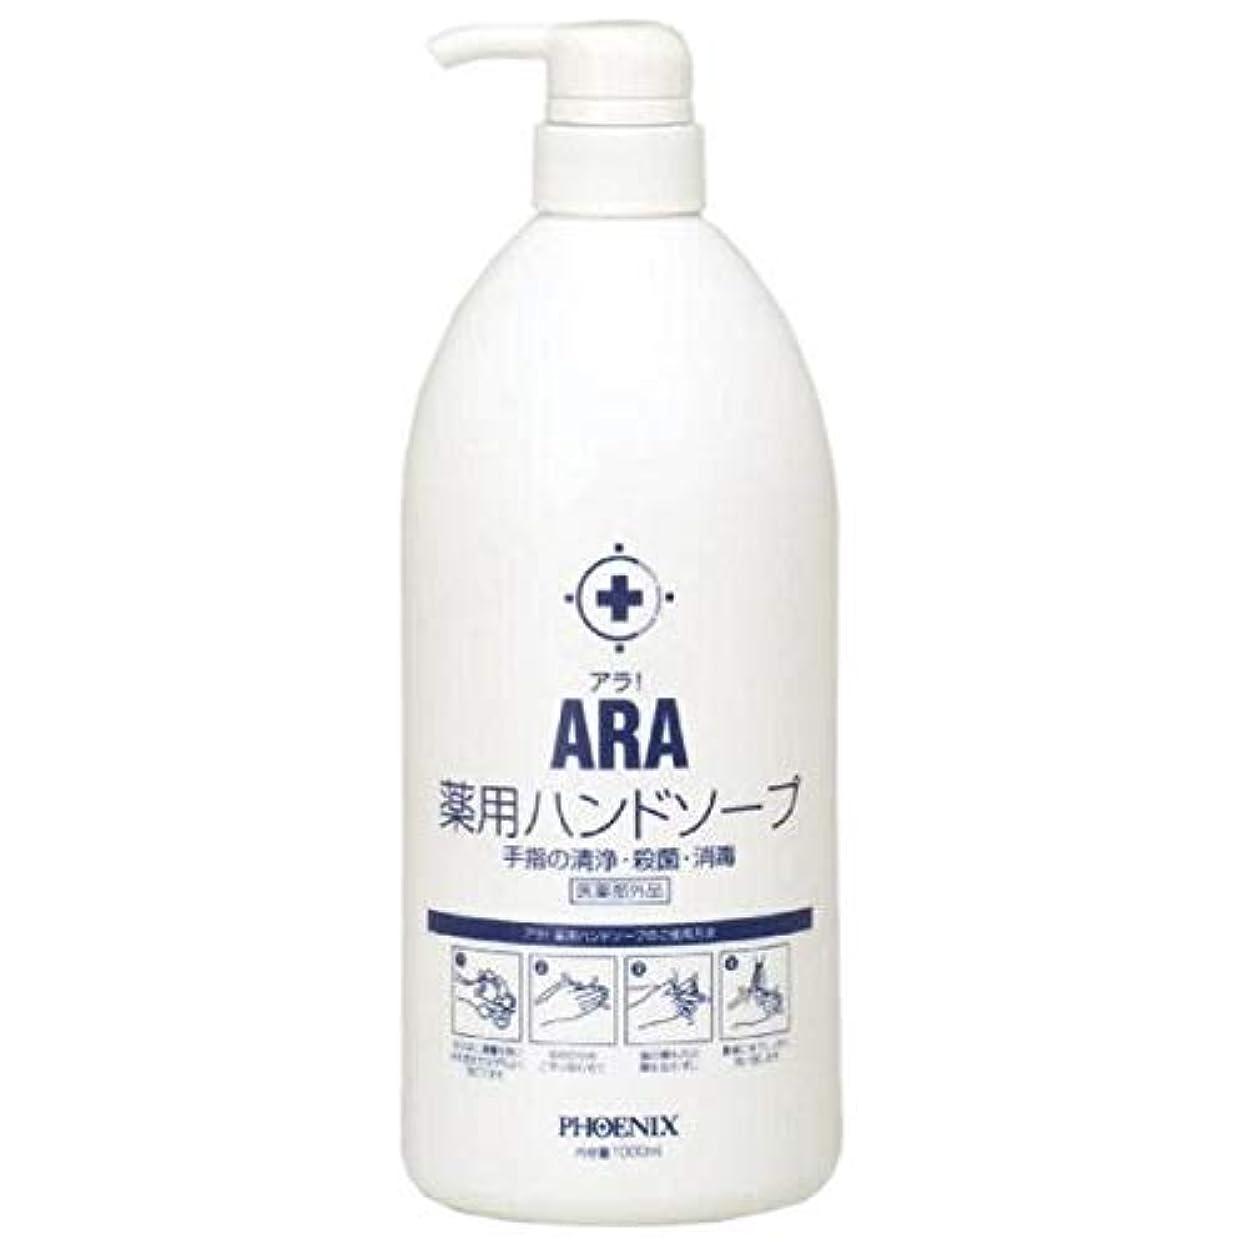 回復ナインへ要求するARA 薬用ハンドソープ(ボトルタイプ) 1000ml×10本入